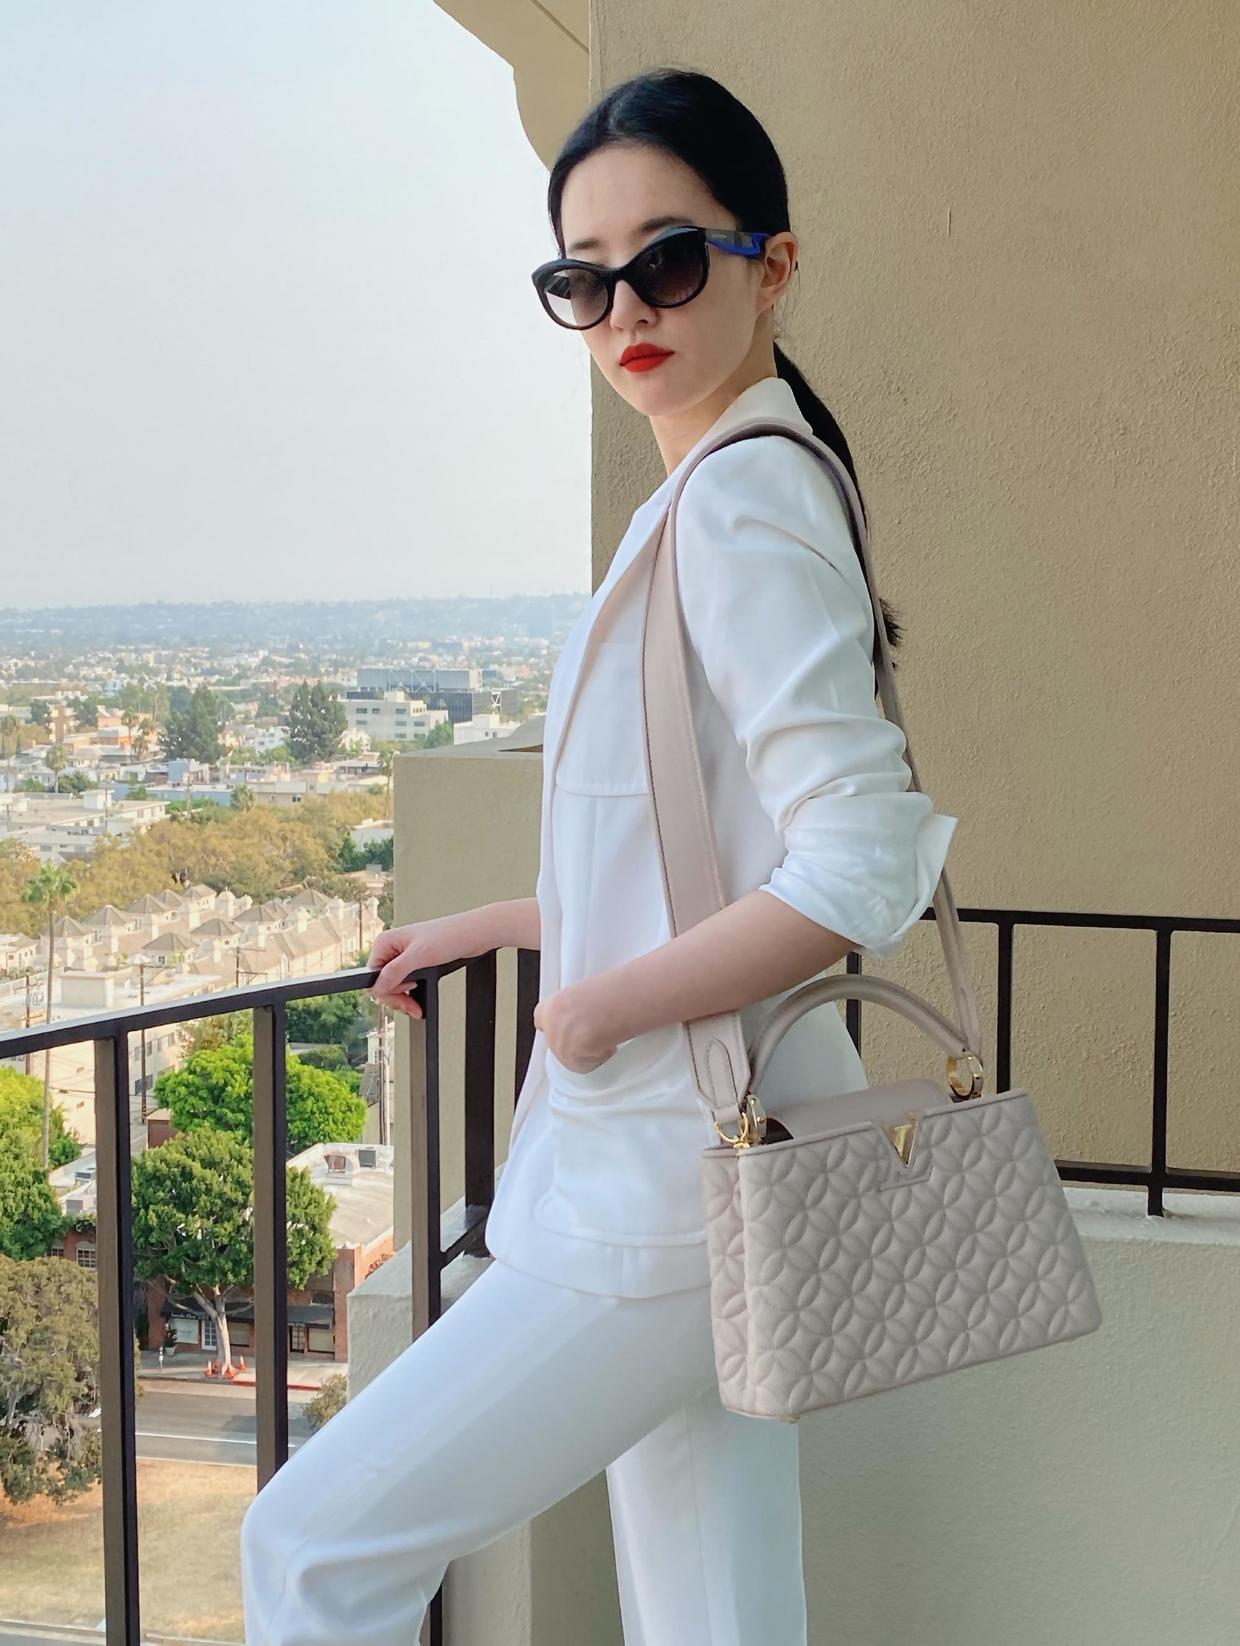 Thần tiên tỷ tỷ chọn trang phục tối giản để tập trung sự chú ý với mẫu túi của nhà mốt Pháp Louis Vuitton. Cô cũng là gương mặt được nhiều thương hiệu đính đám lựa chọn làm người đại diện tại xứ Trung.